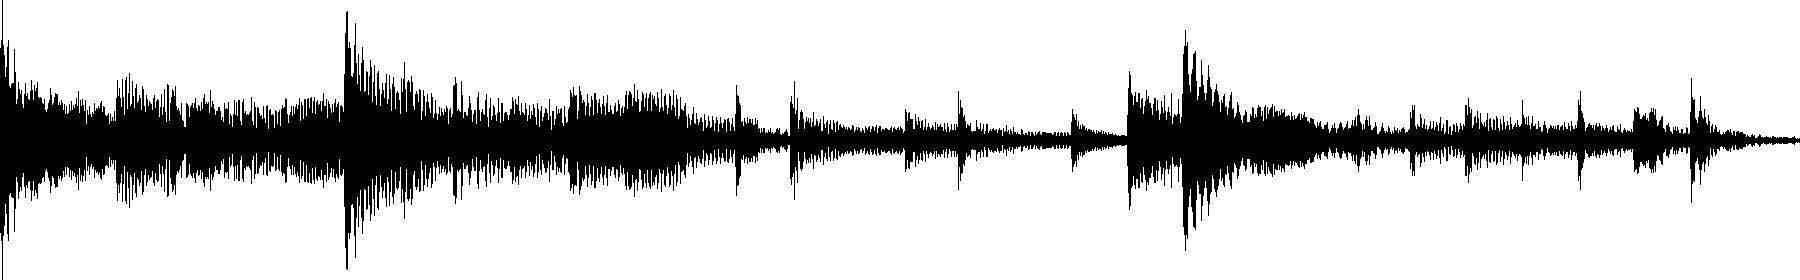 tapped harmonic evil f 101